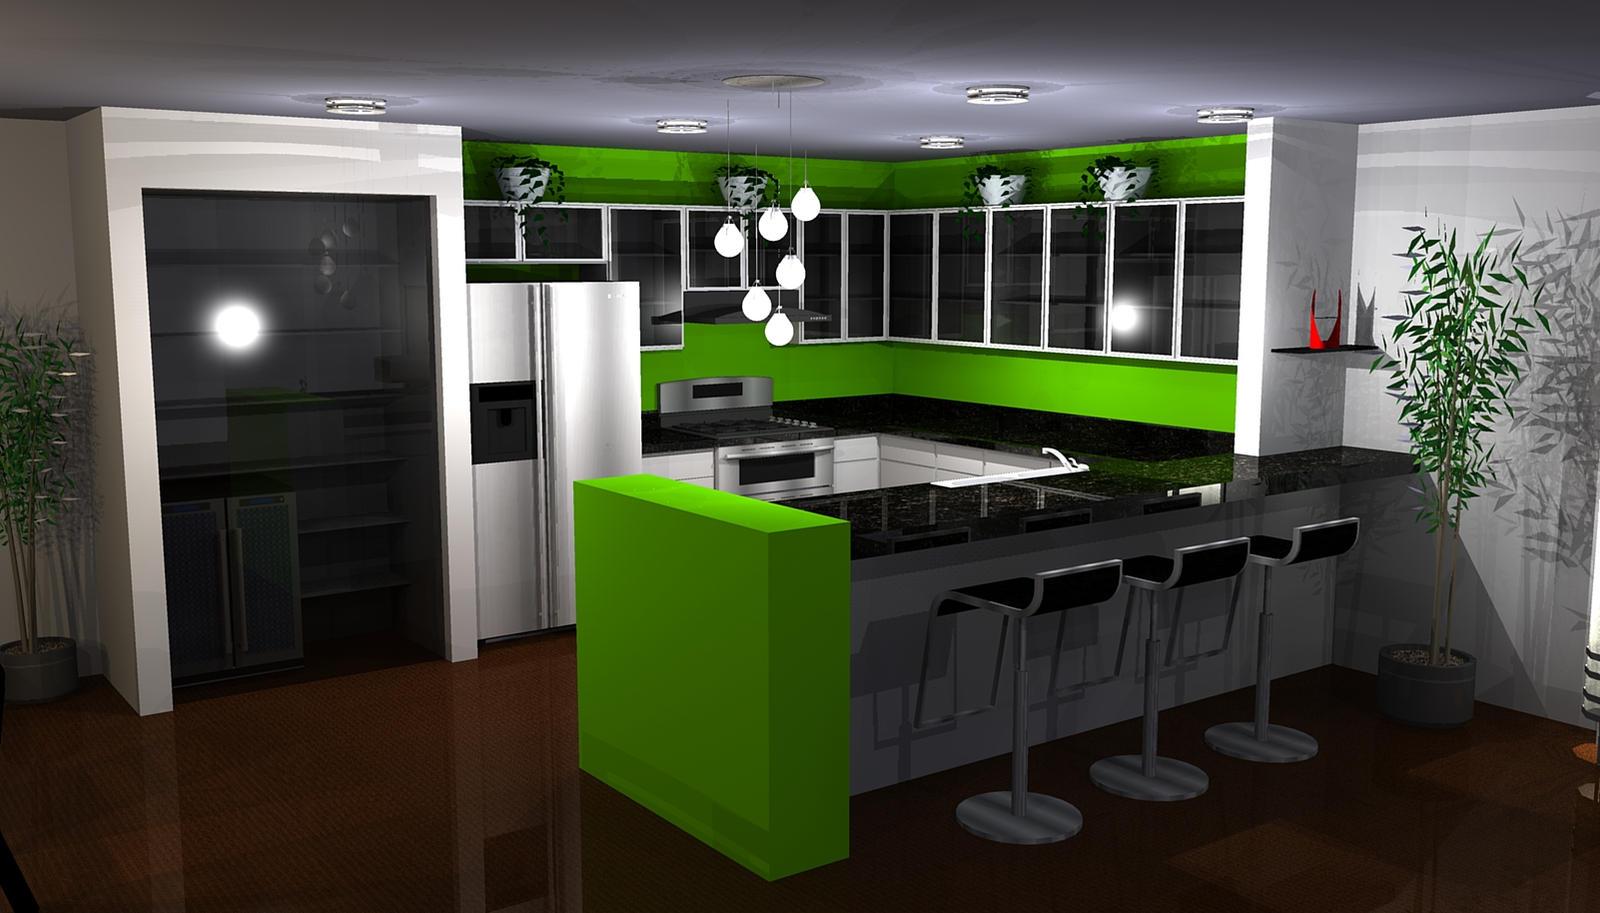 Green Kitchen 2 By Puddleofplastic Green Kitchen 2 By Puddleofplastic